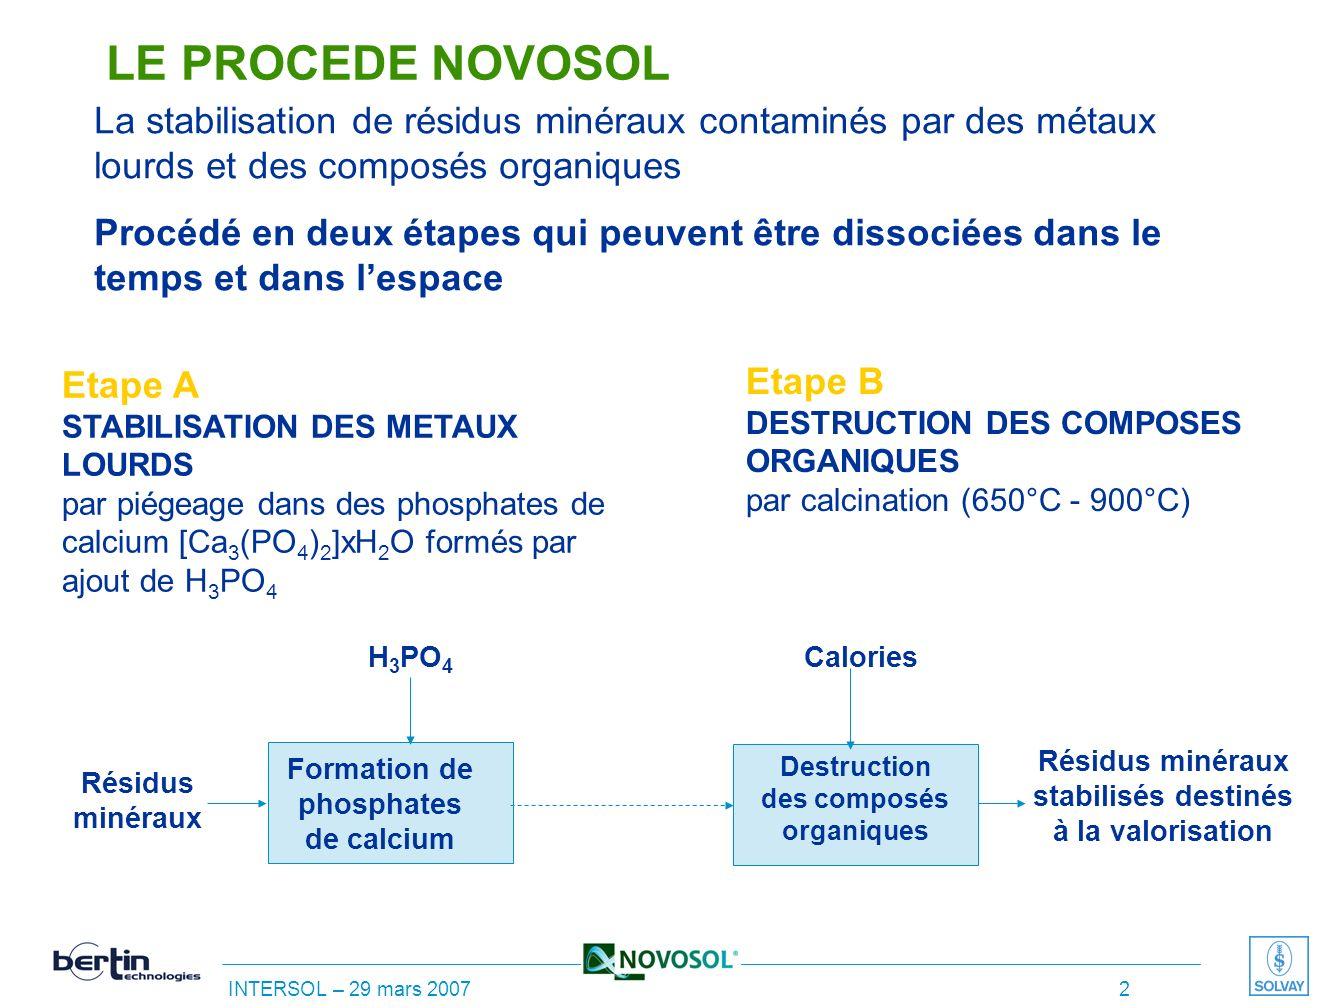 LE PROCEDE NOVOSOLLa stabilisation de résidus minéraux contaminés par des métaux lourds et des composés organiques.